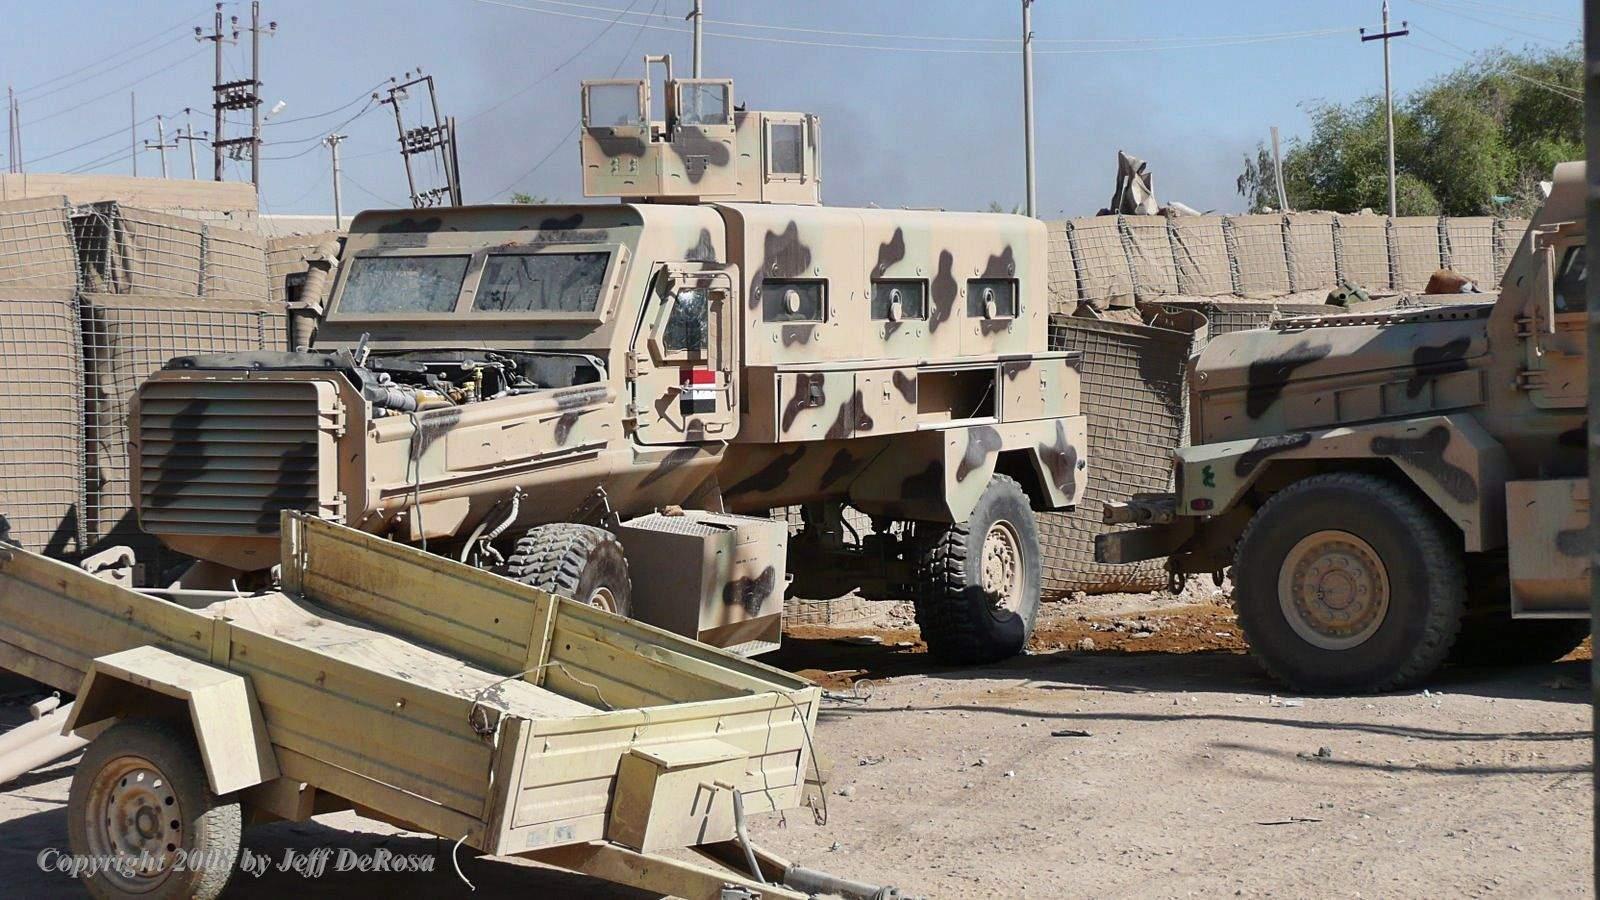 VBL Cougar H 4x4 Iraque